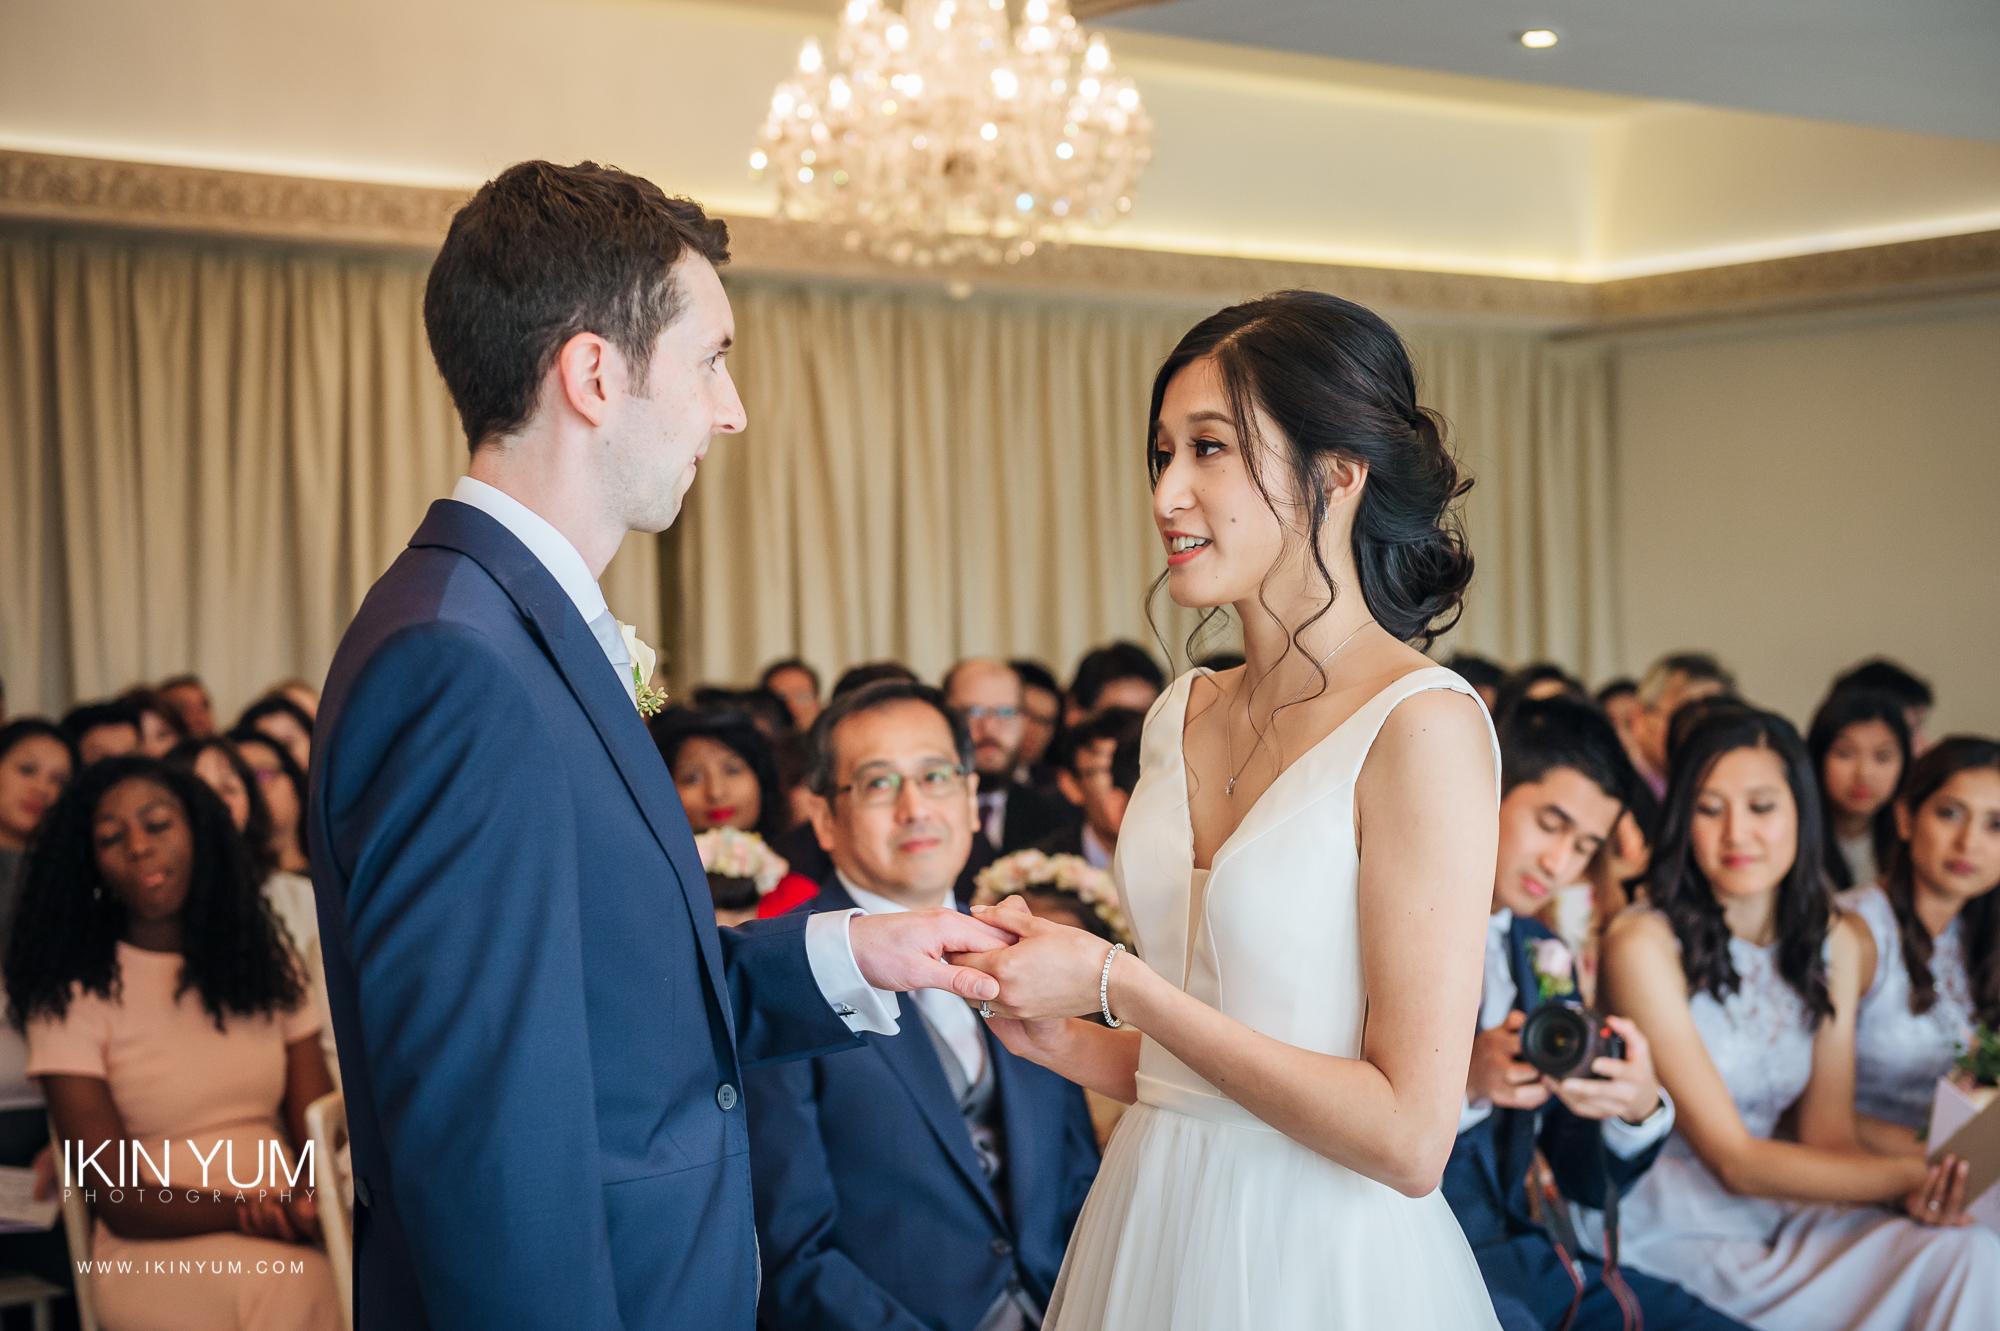 Nicola & Jonny Wedding Day - Ikin Yum Photography-069.jpg